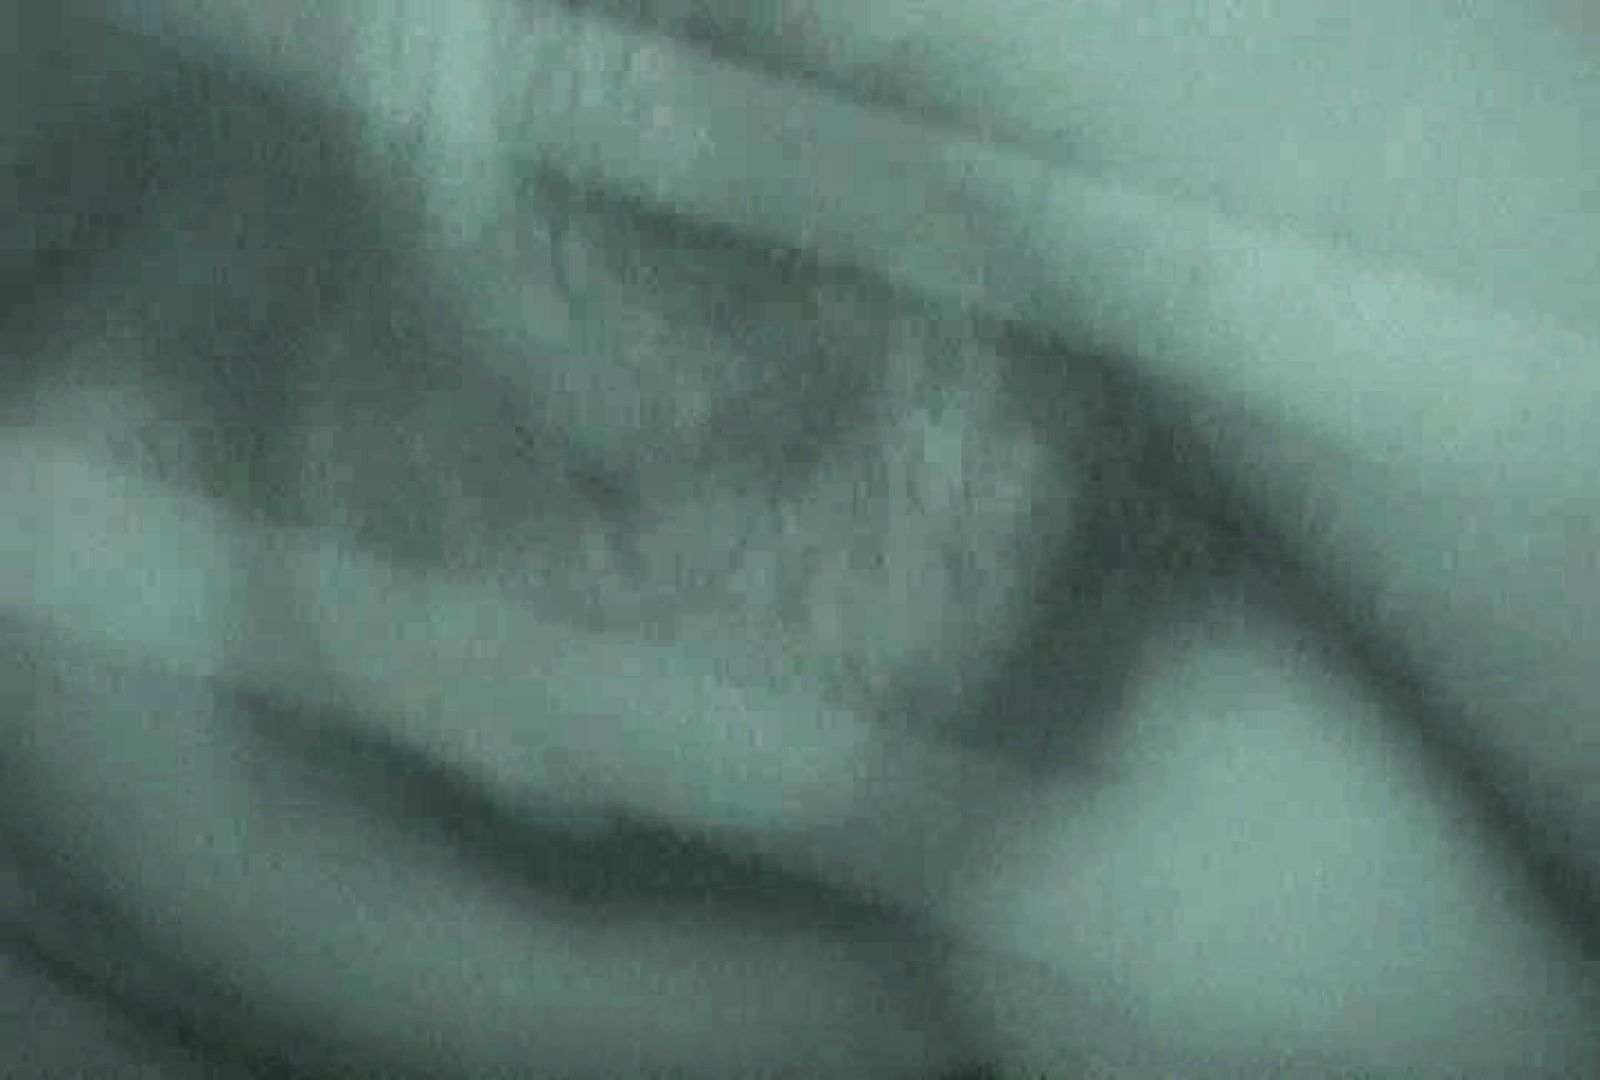 充血監督の深夜の運動会Vol.91 素人ギャル女 | 美女OL  88連発 22